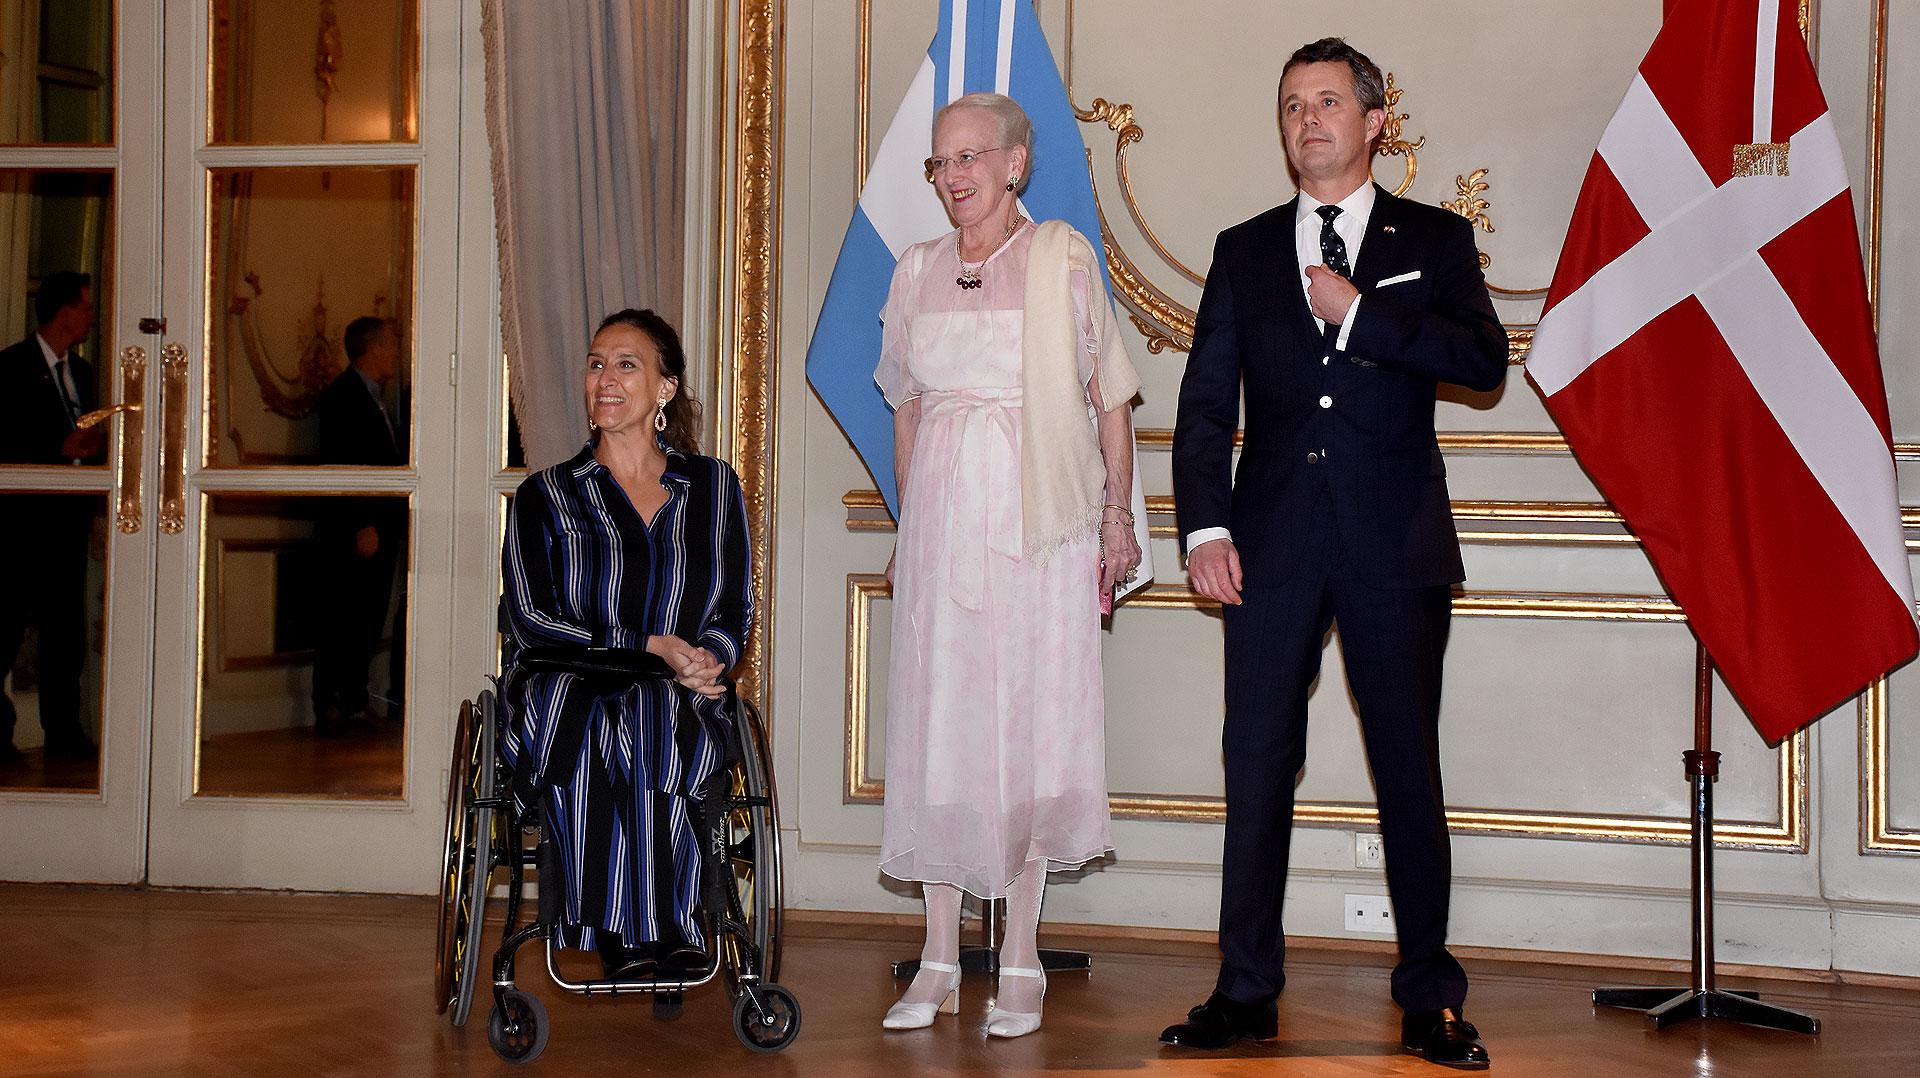 La fotos oficial de la monarquía danesa junto a la funcionaria argentina